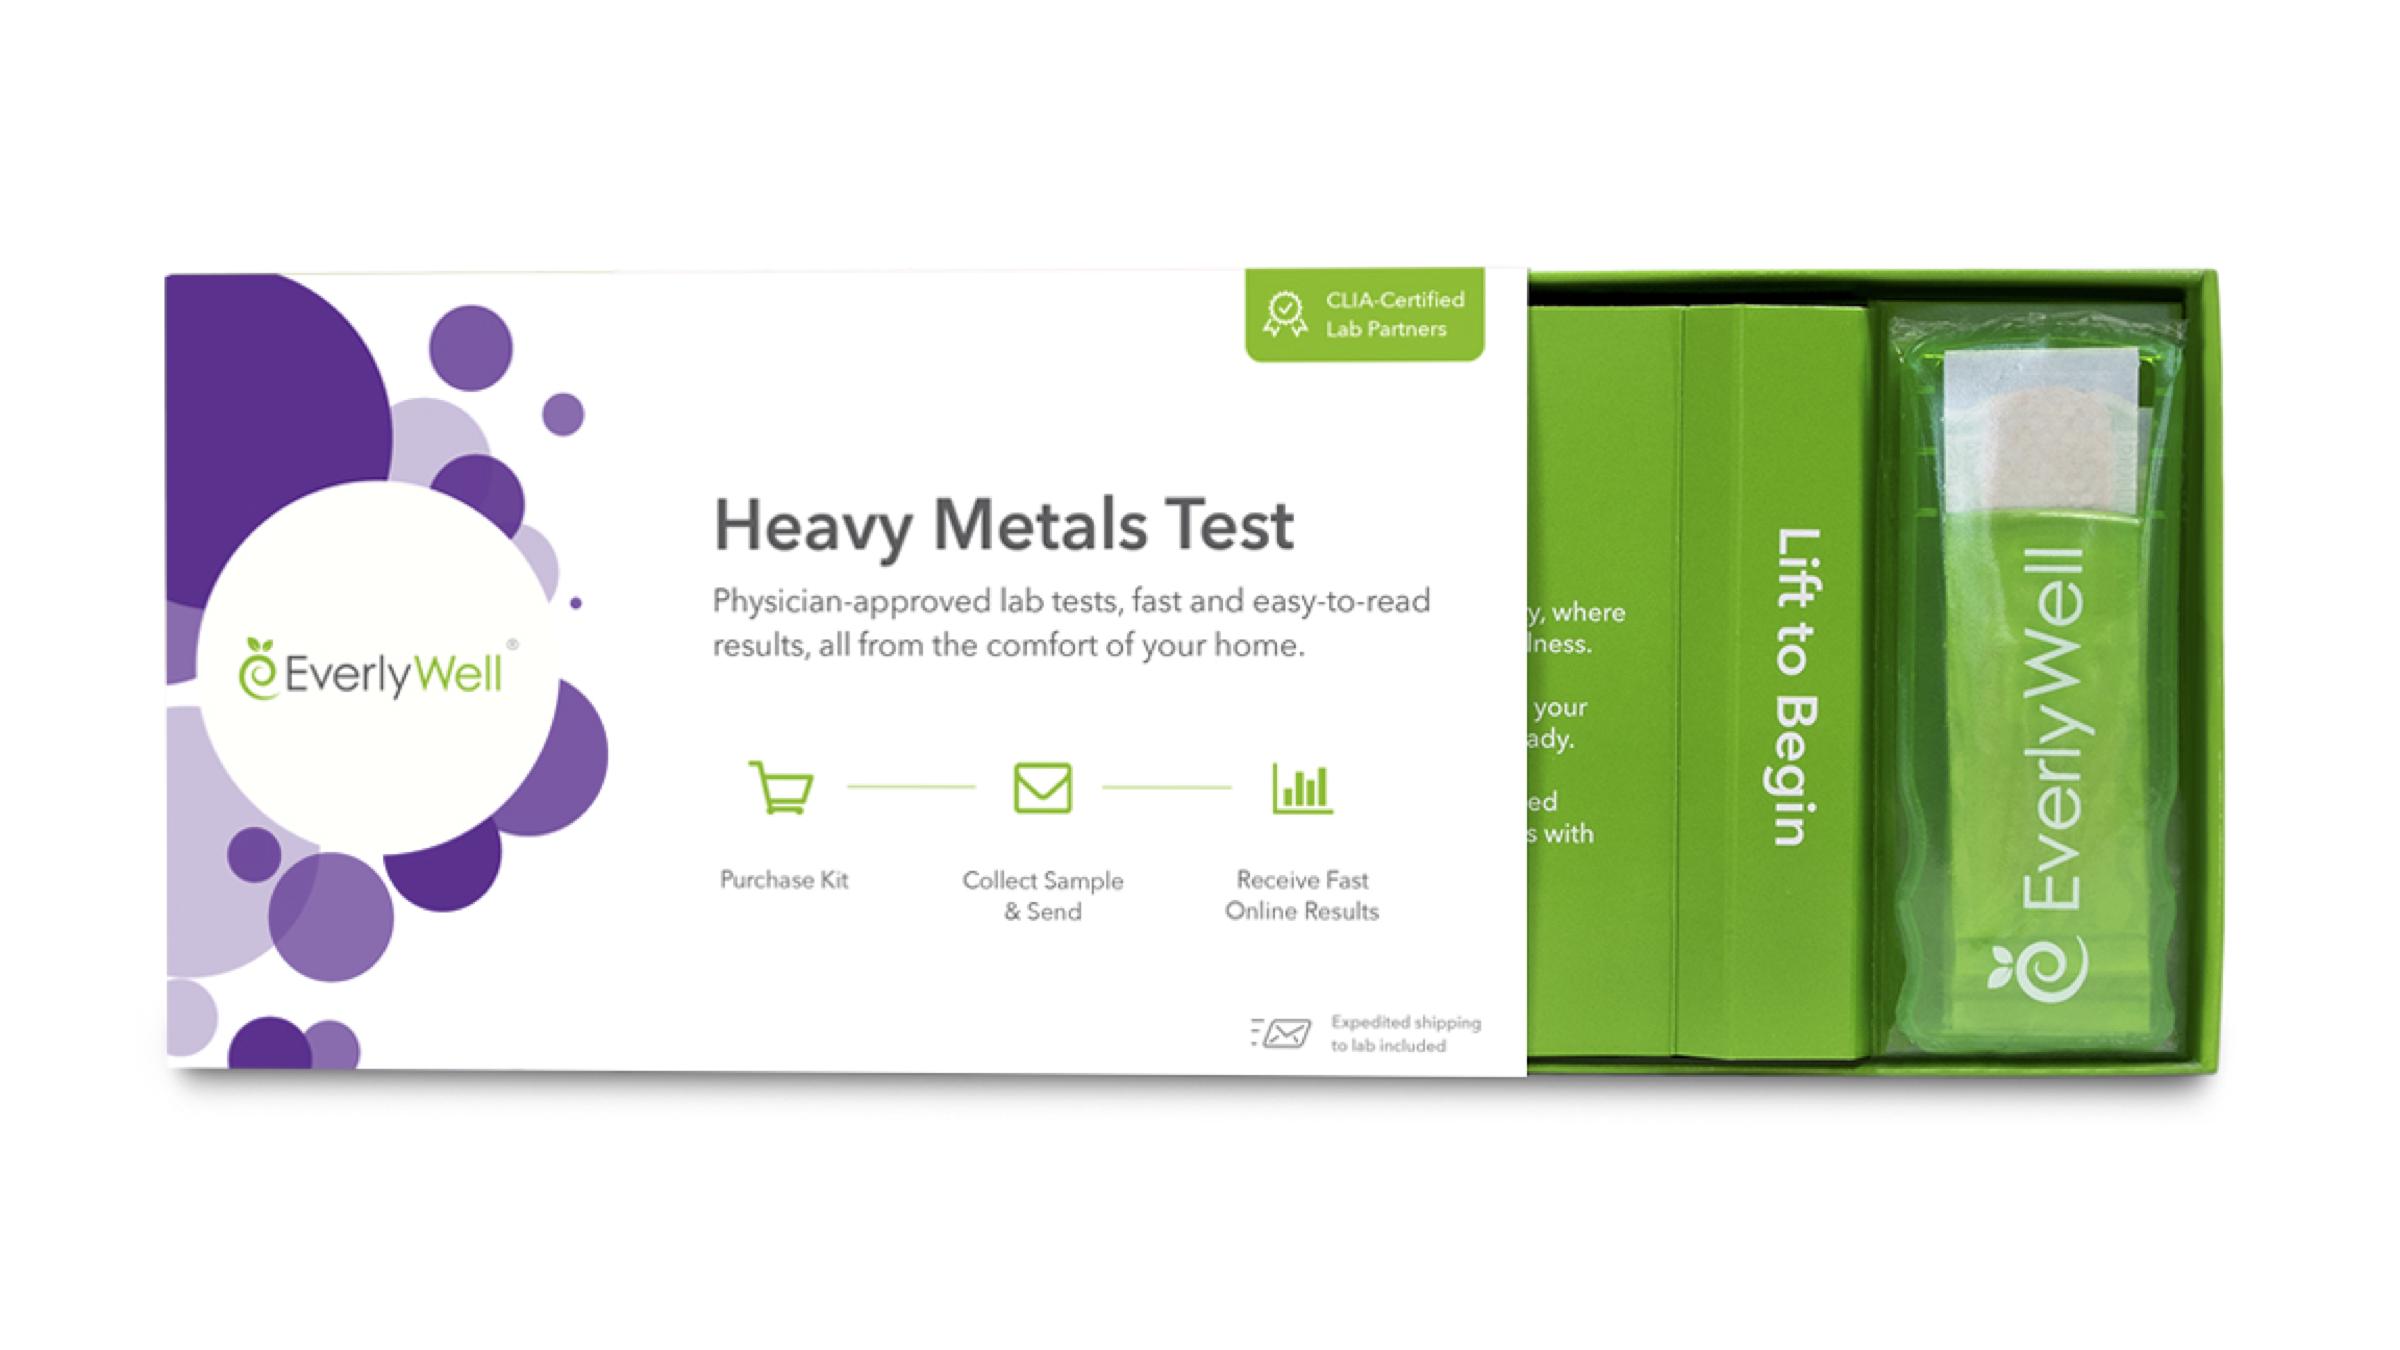 Heavymetalstestopenbox